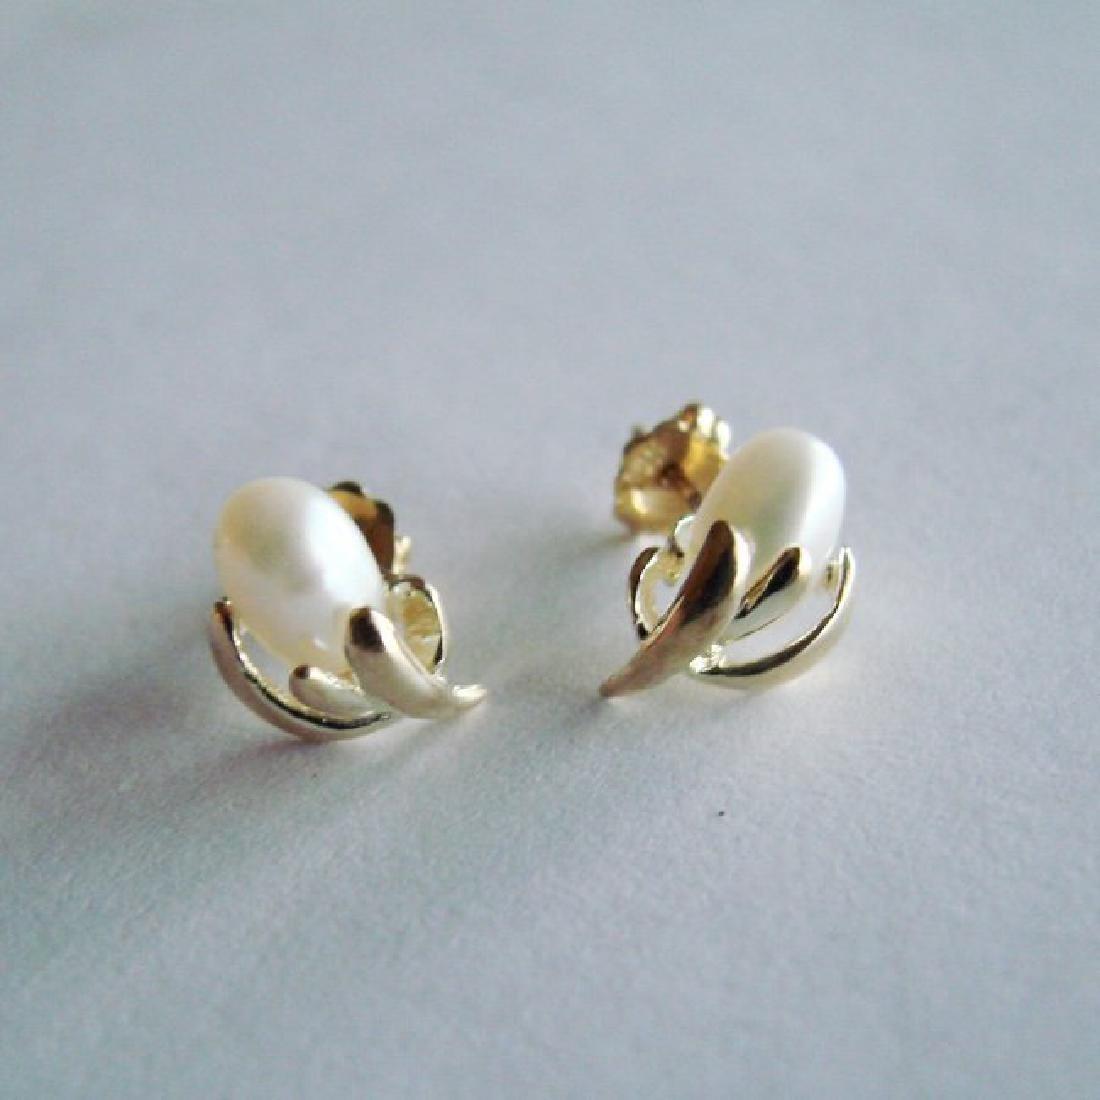 Culture Pearl 4.5 mm Stud Earrings 14k Y/g